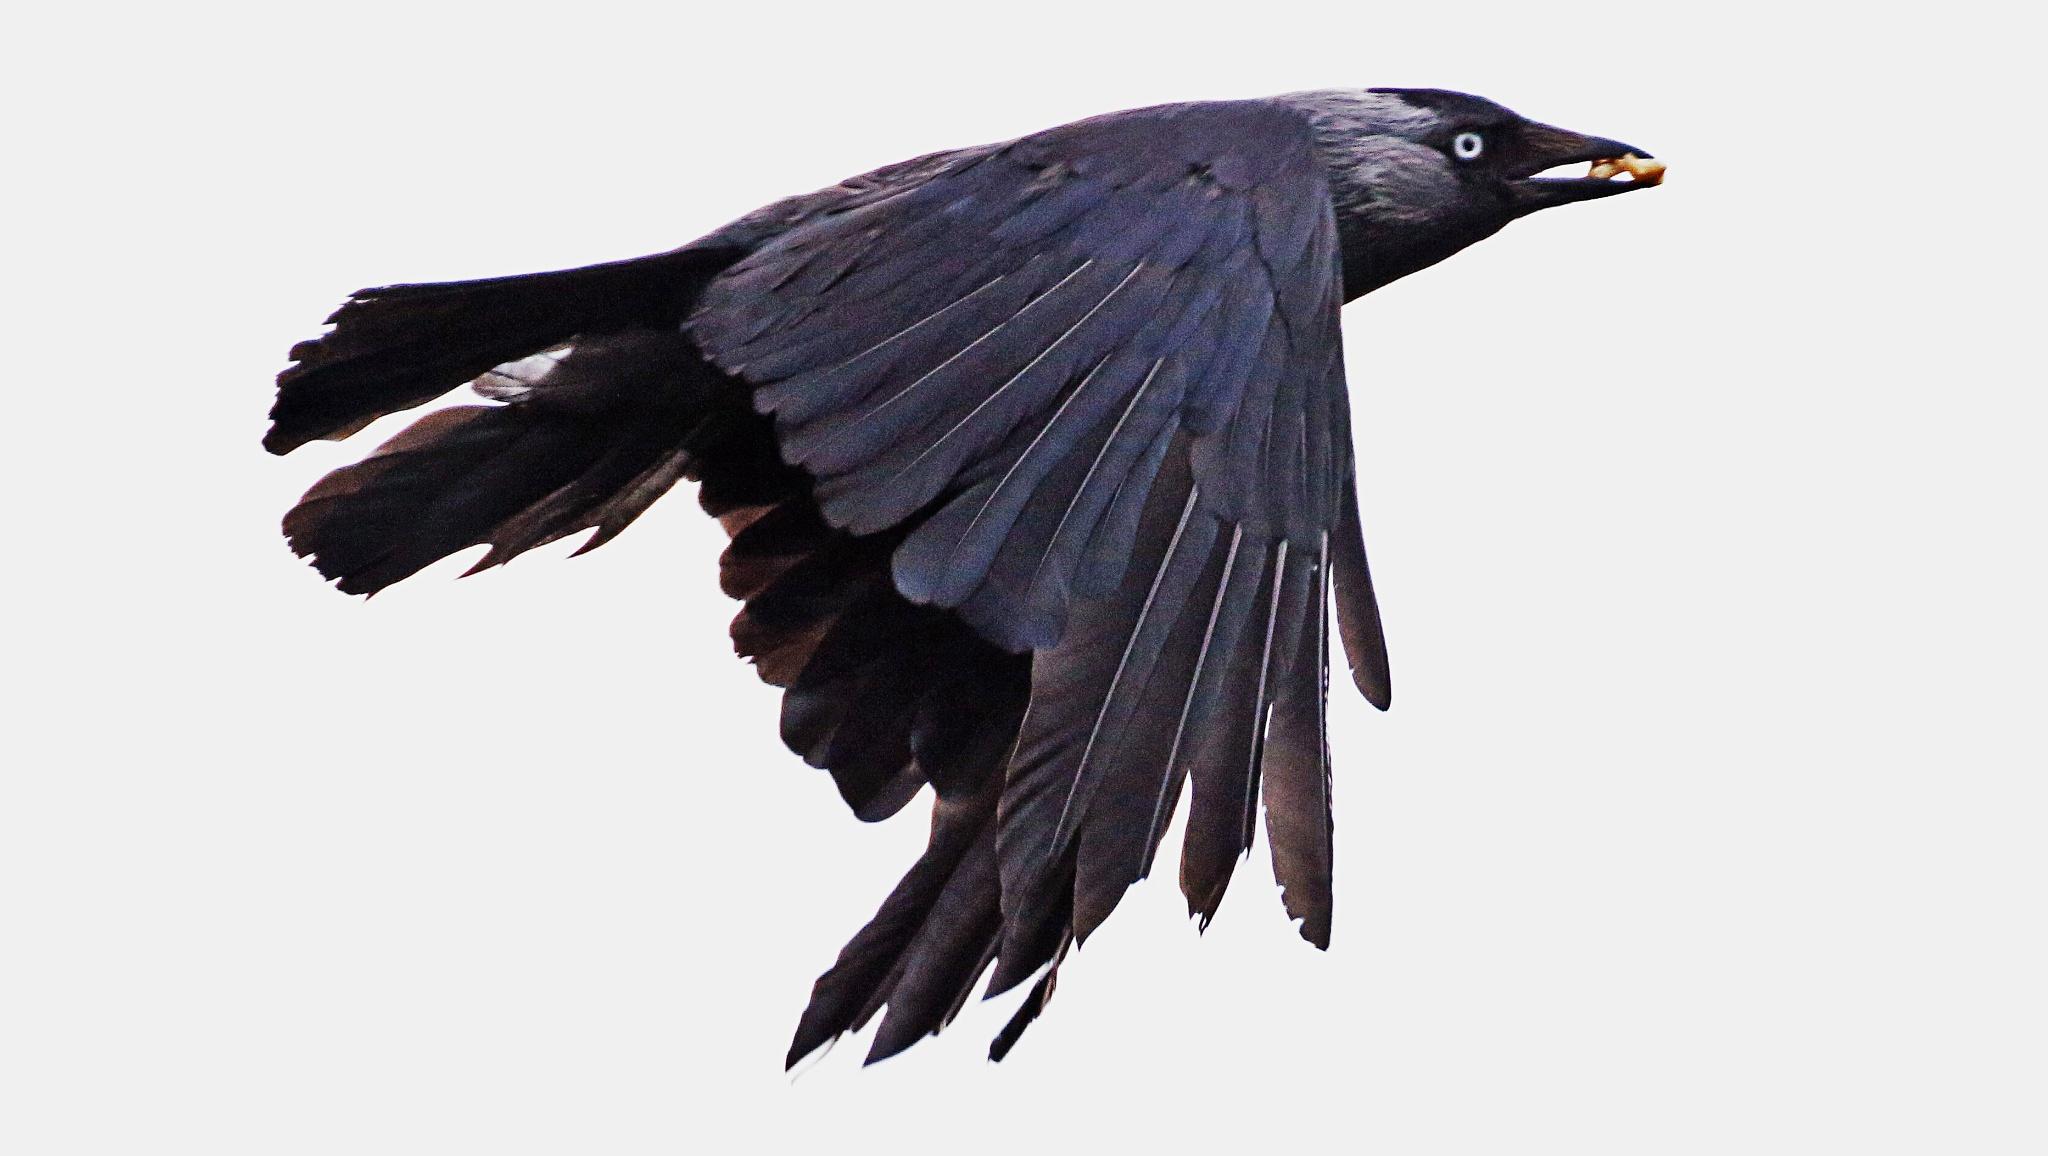 Jackdaw in flight. by sidoneill1